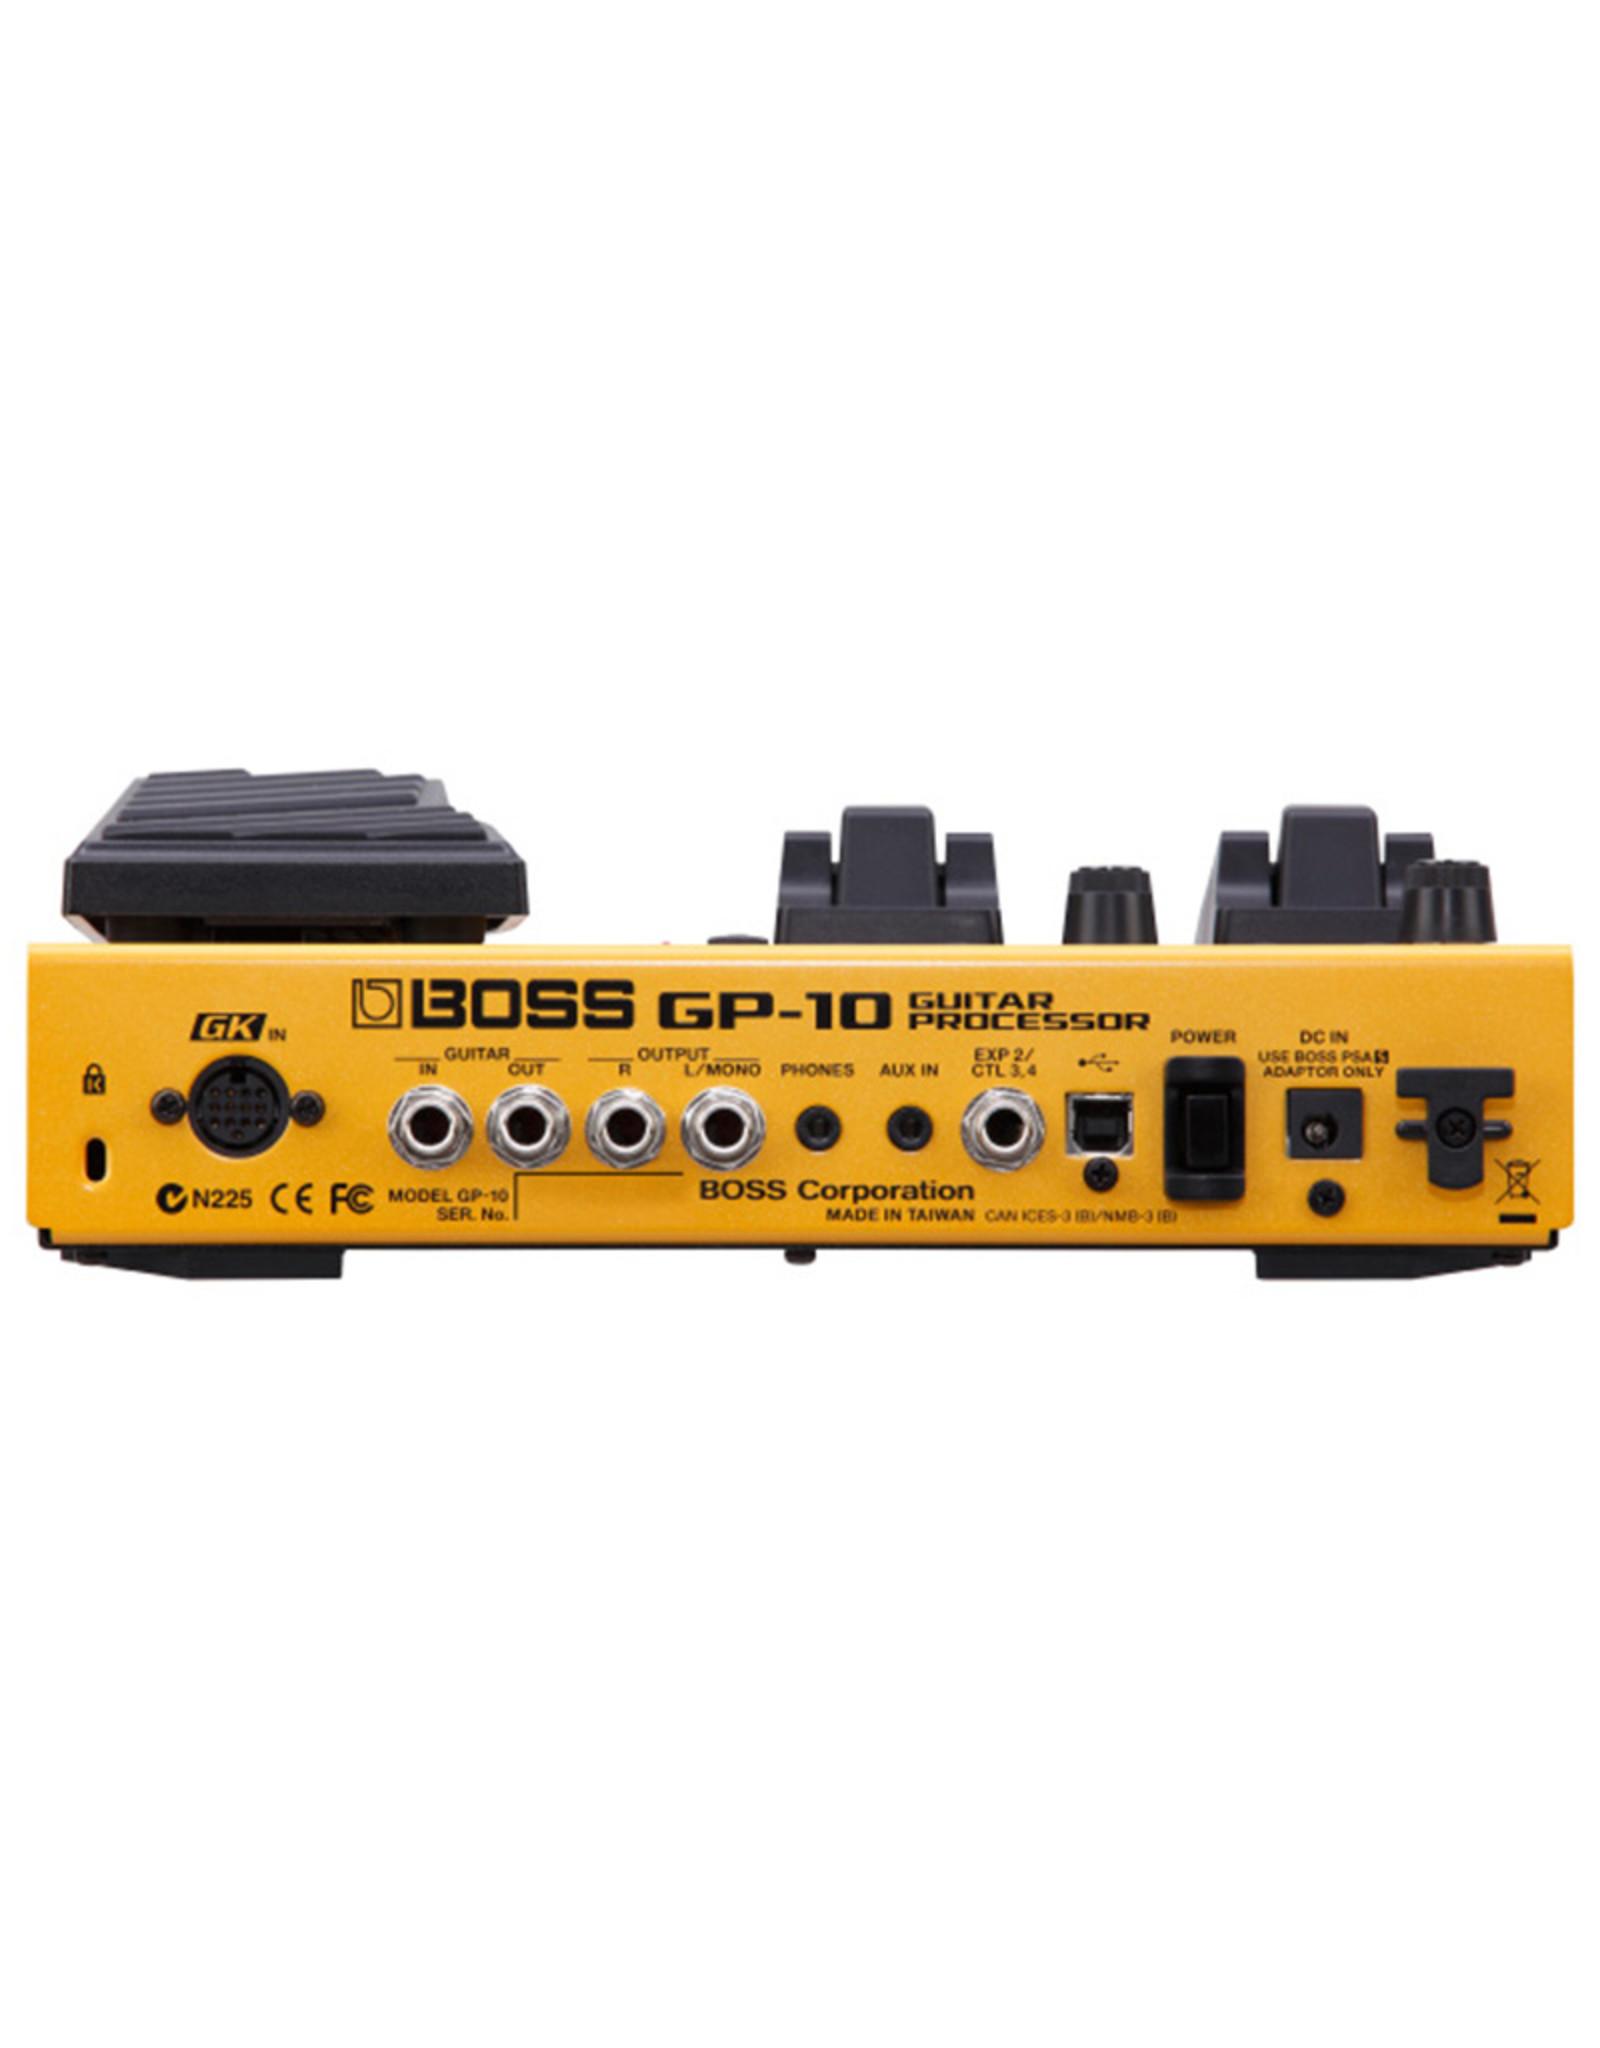 Boss Boss GP-10 Guitar Processor